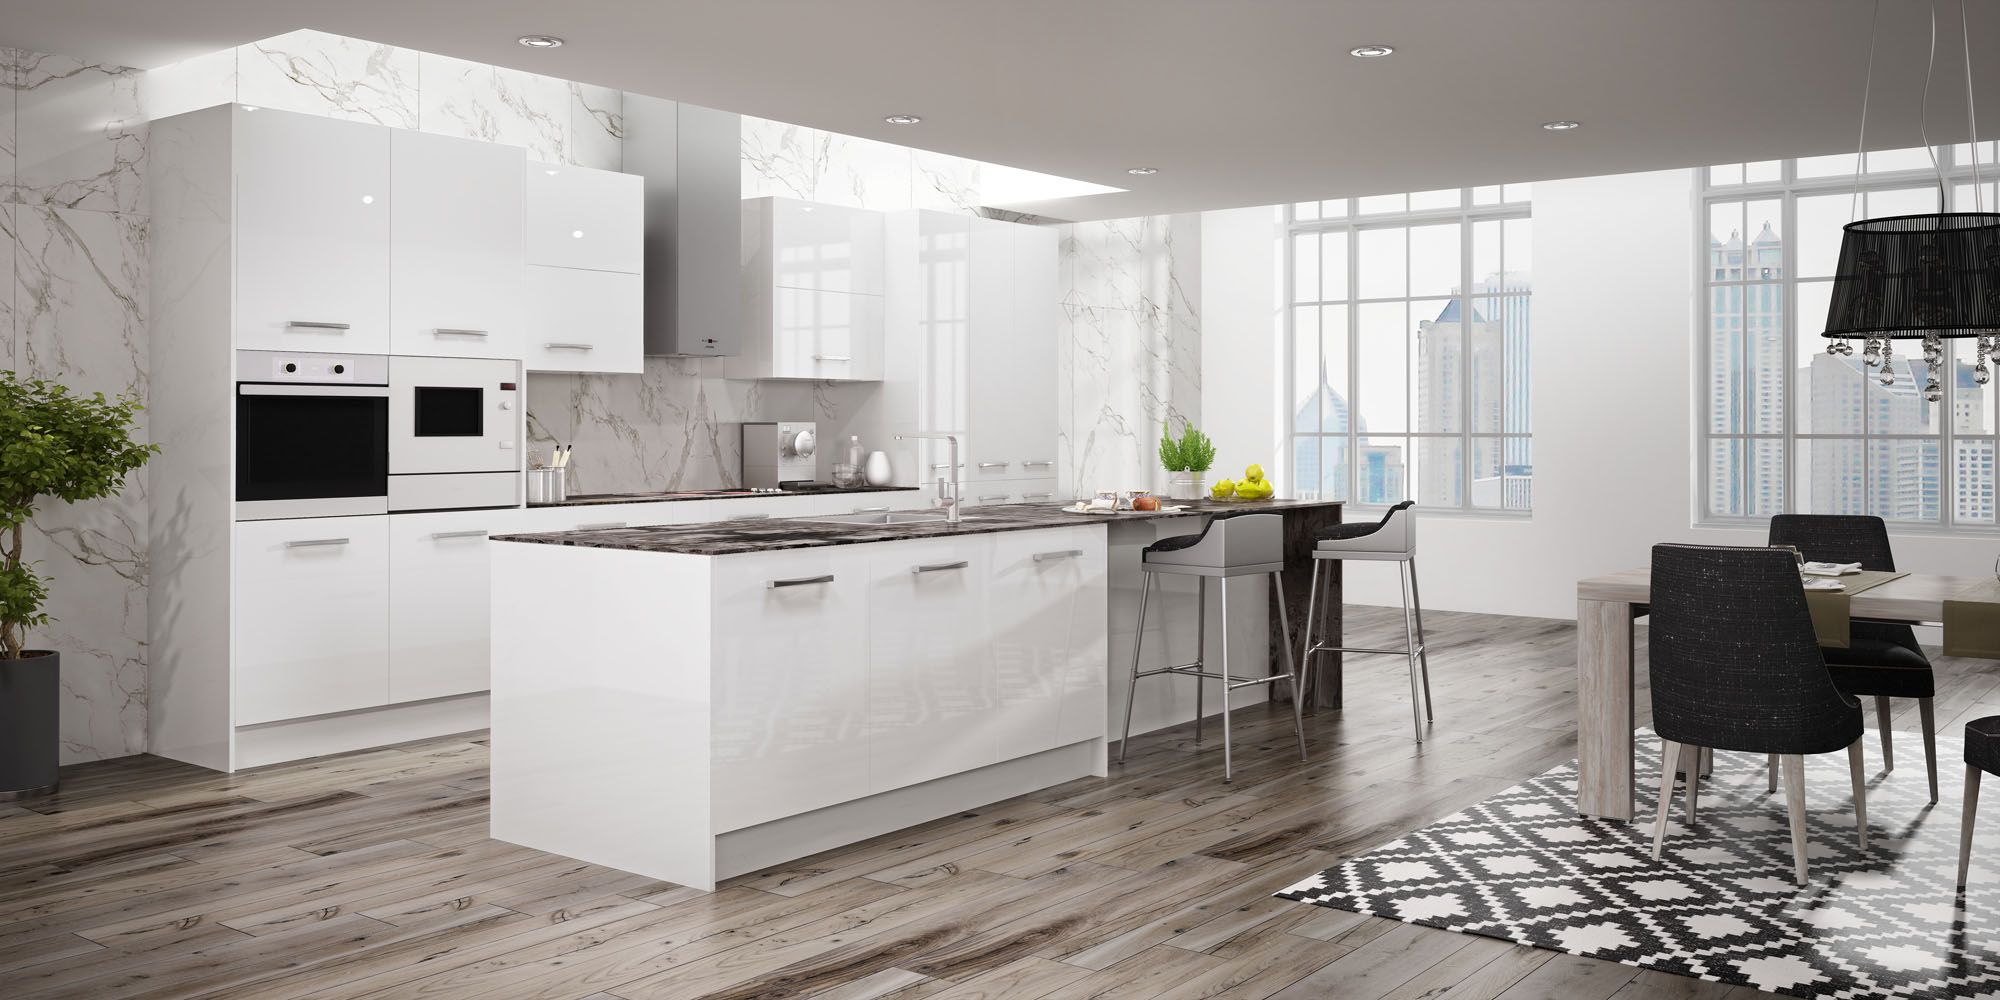 Cocinas modernas blancas con isla cocinas faro by alvic - Cocinas islas modernas ...